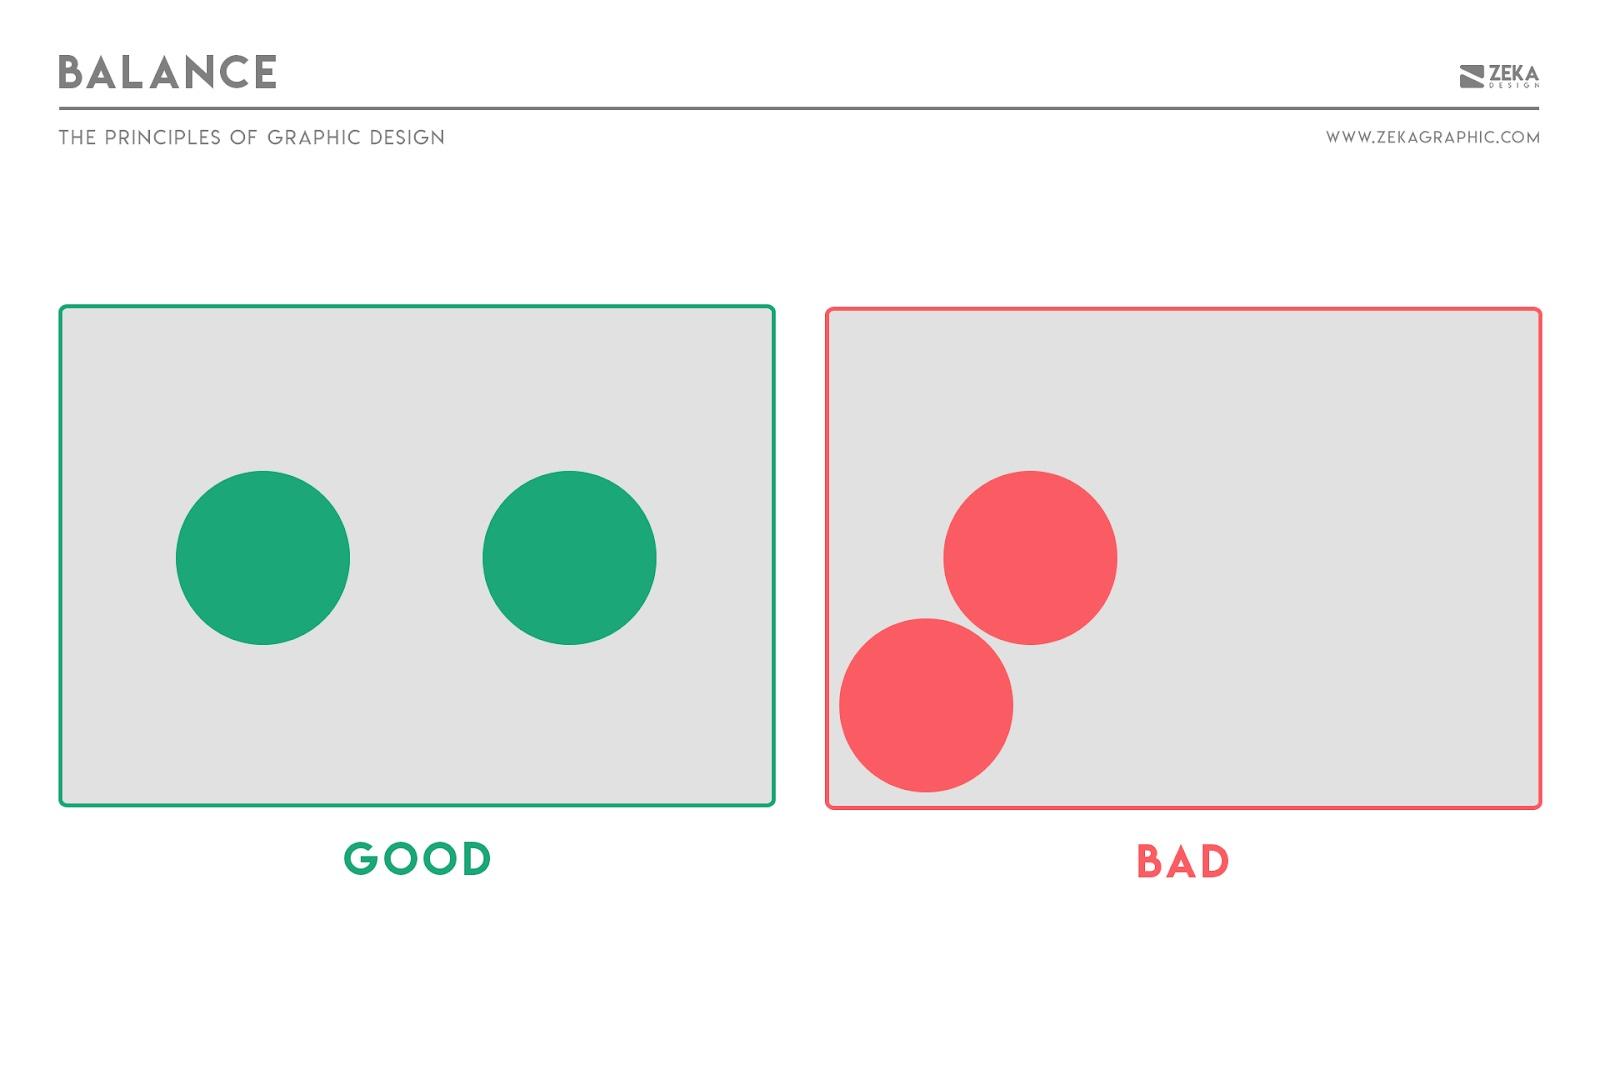 Nguyên tắc cân bằng trong thiết kế đồ họa